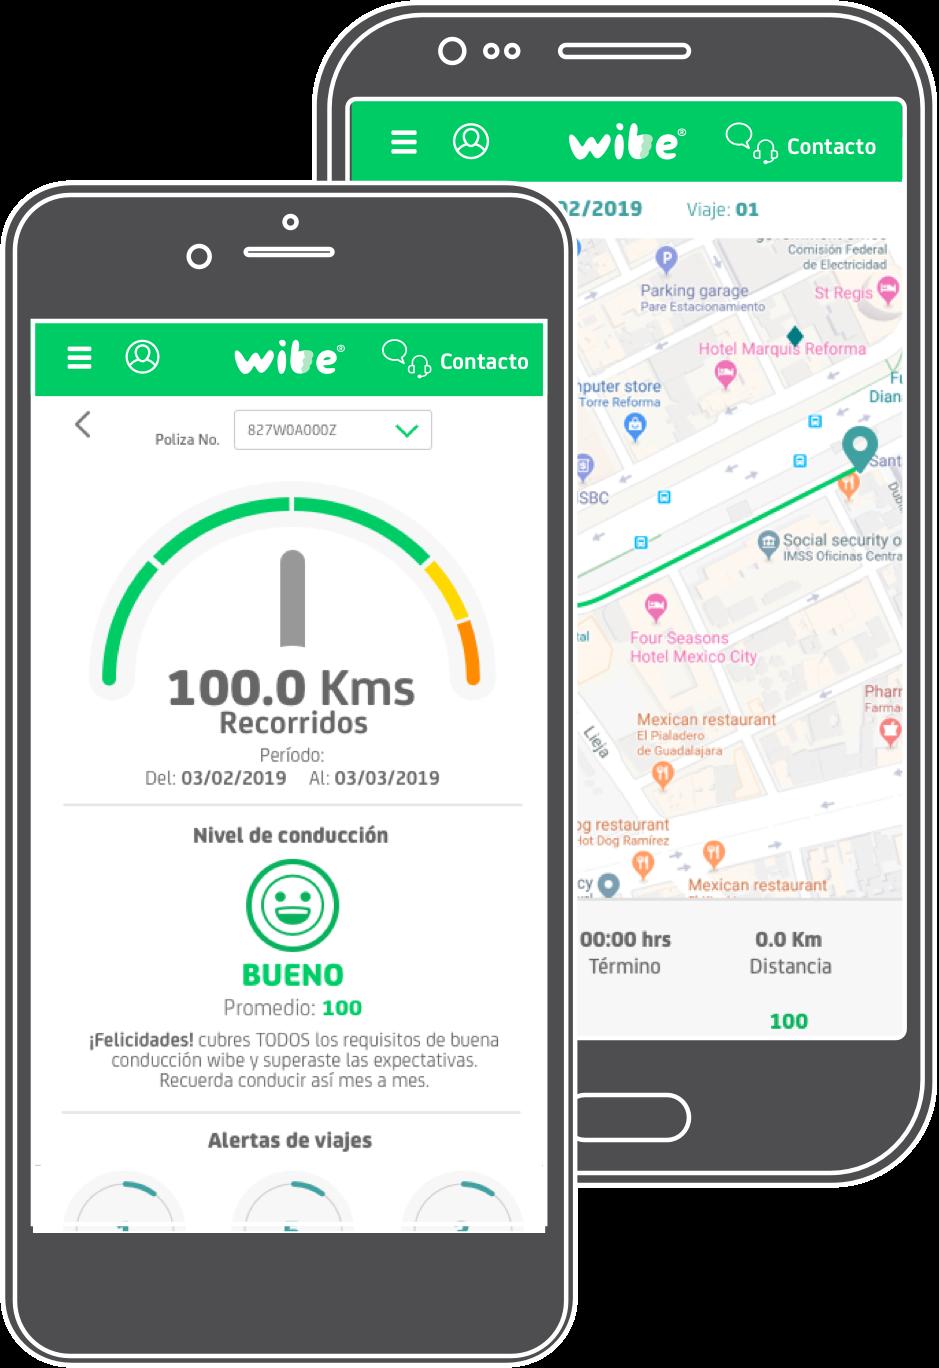 Seguimiento de viajes en la App wibe